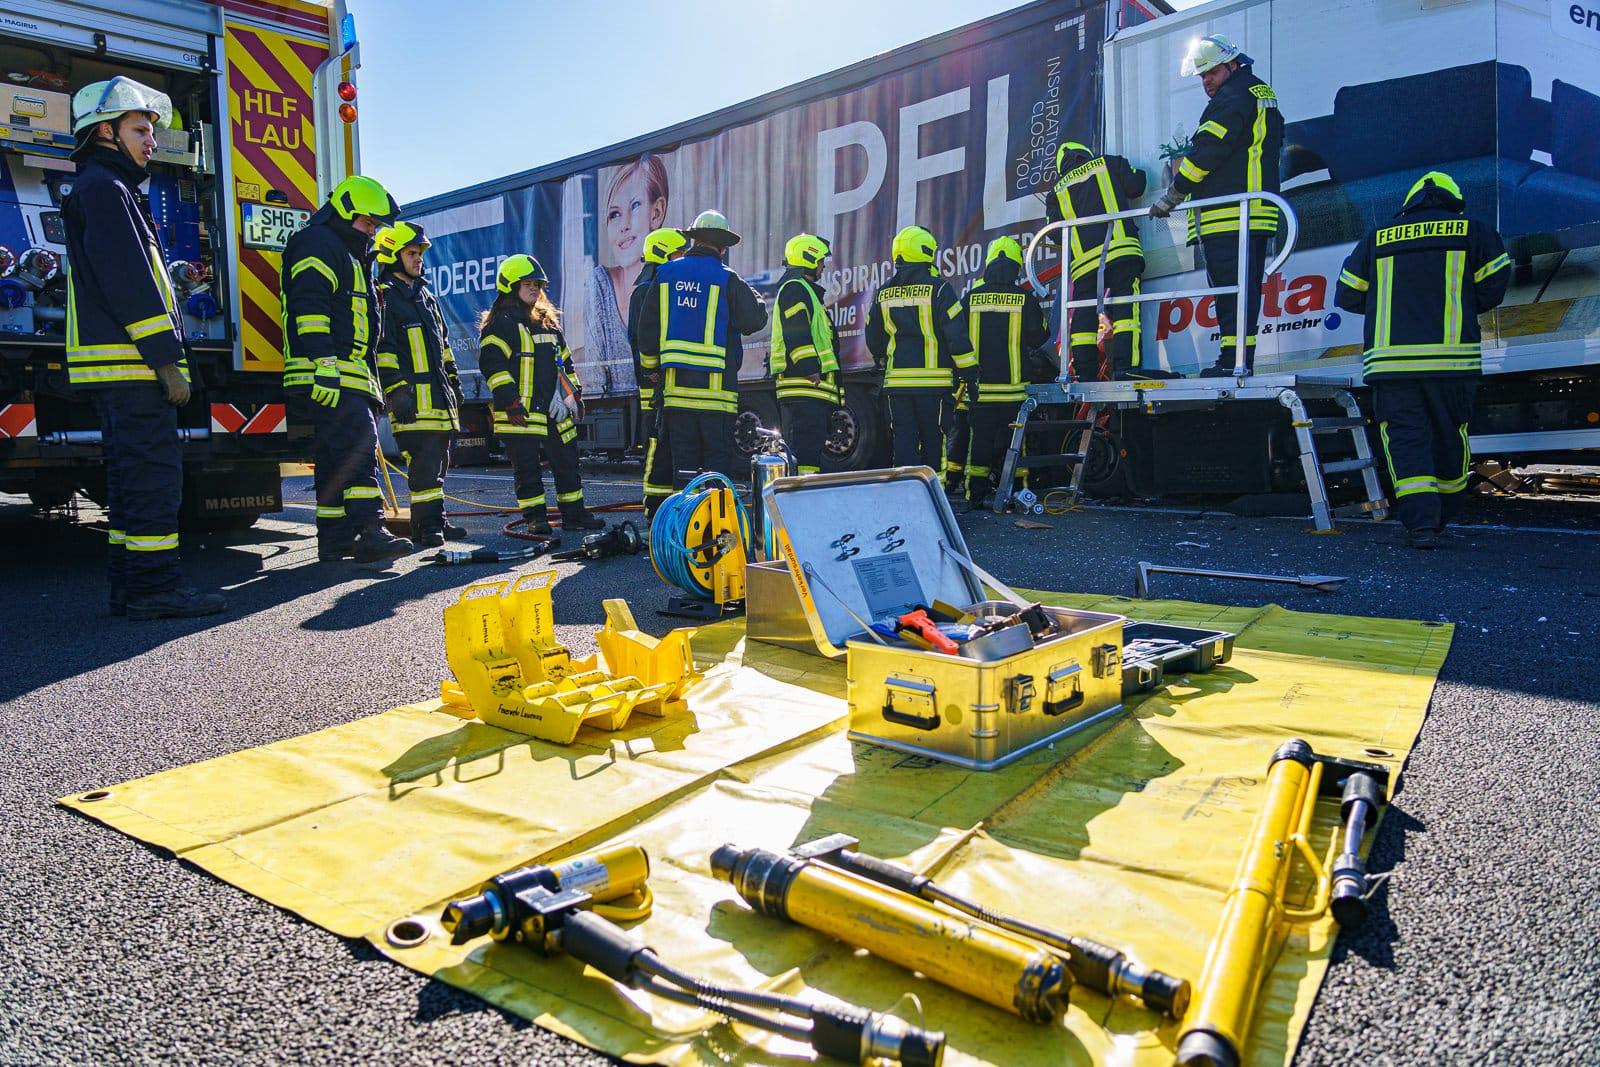 Mit jahrelanger Erfahrung hat die Feuerwehr ein System für die Ordnung an der Einsatzstelle entwickelt: So sind alle Geräte zur Befreiung von Eingeklemmten auch in der Hektik sofort zu finden (Foto: n112.de/Stefan Simonsen)